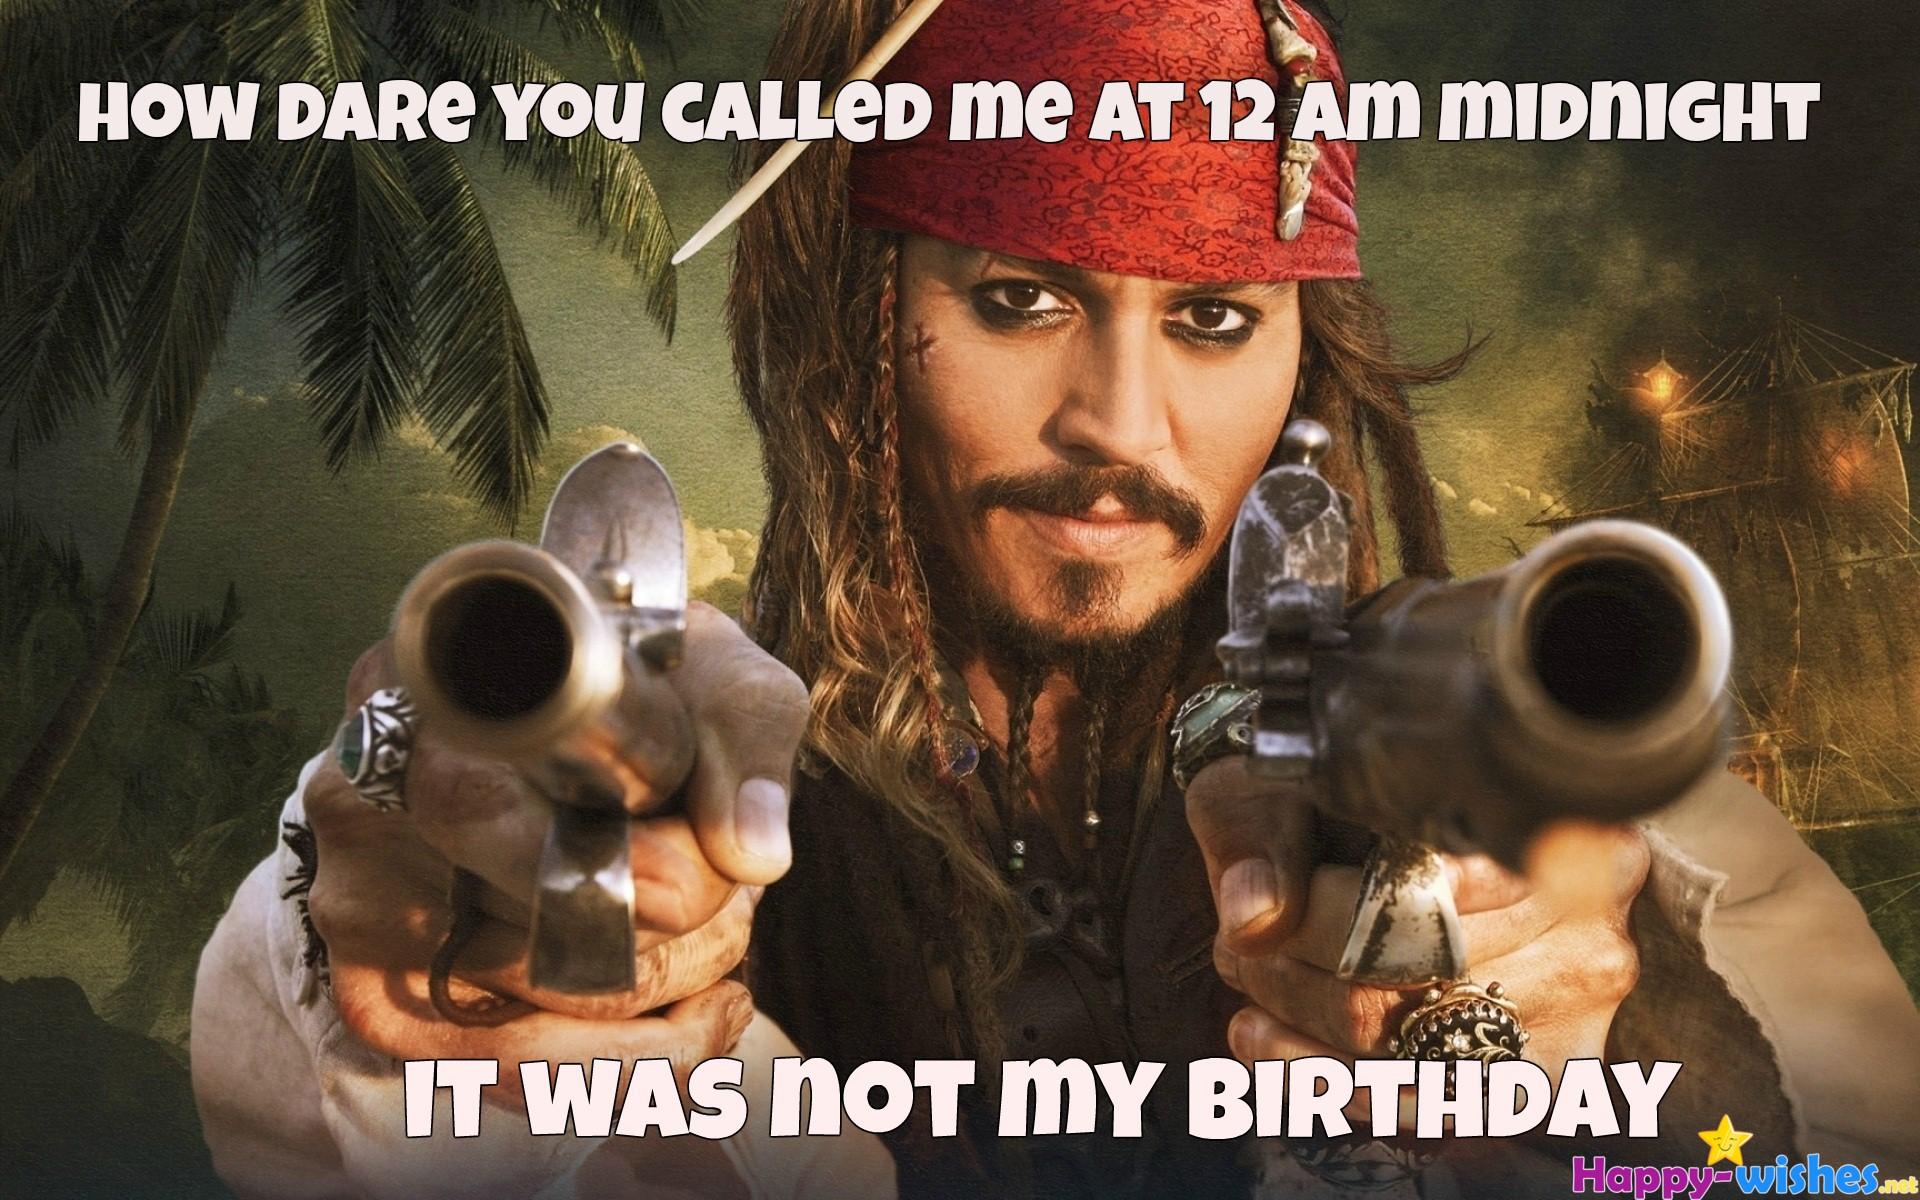 Happy-birthday-memes-forboys